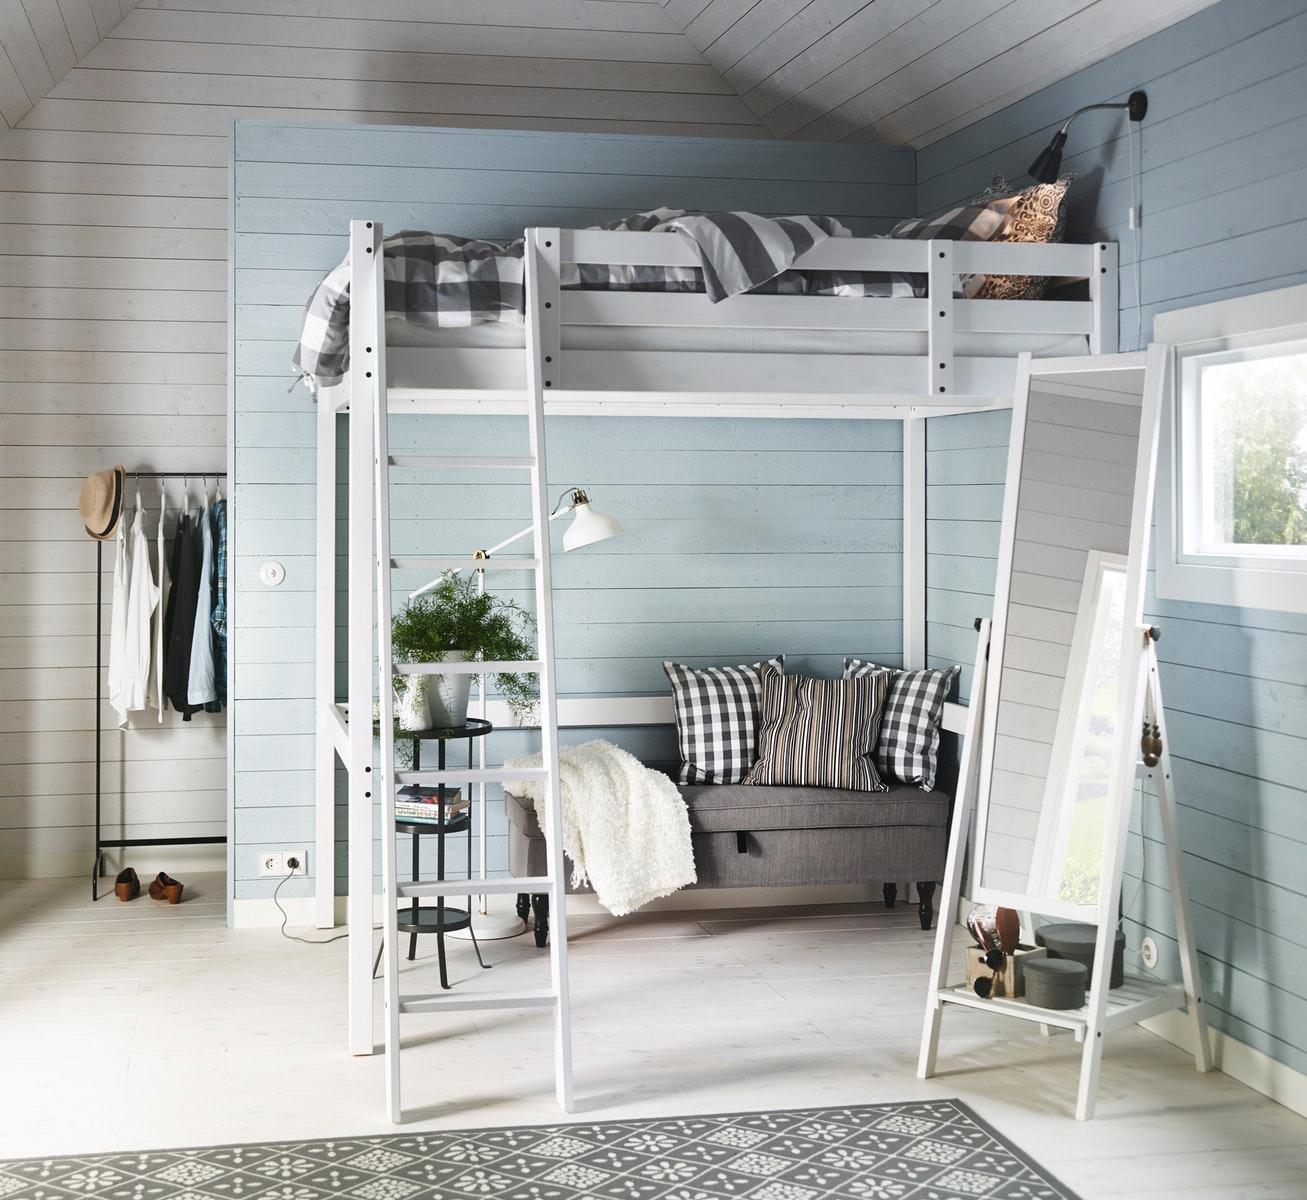 Tempat tidur tingkat sebagai solusi untuk kamar tidur kecil